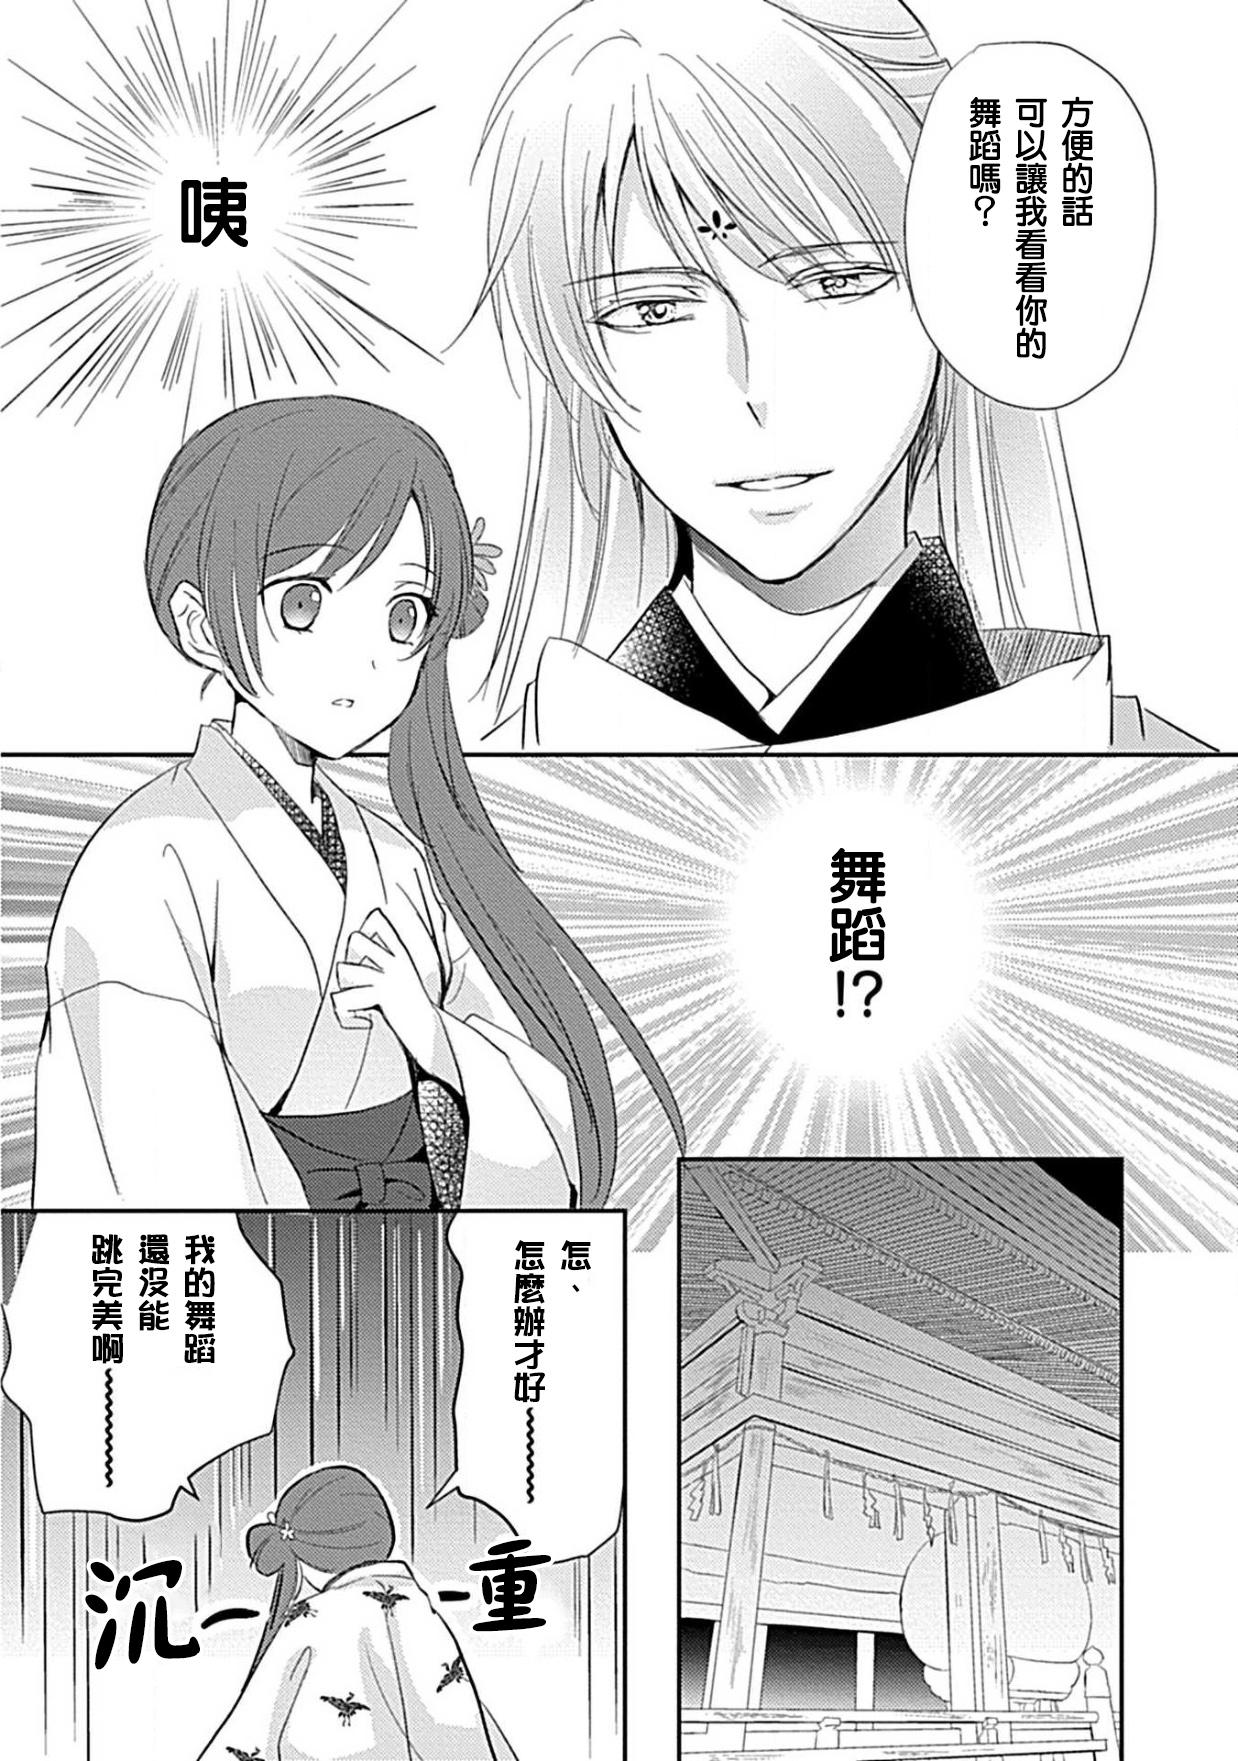 kyosei ranbu itoshi no kamisama ha amayaka ni osu deshita | 嬌聲亂舞 深愛的神明大人甜寵且英勇 26